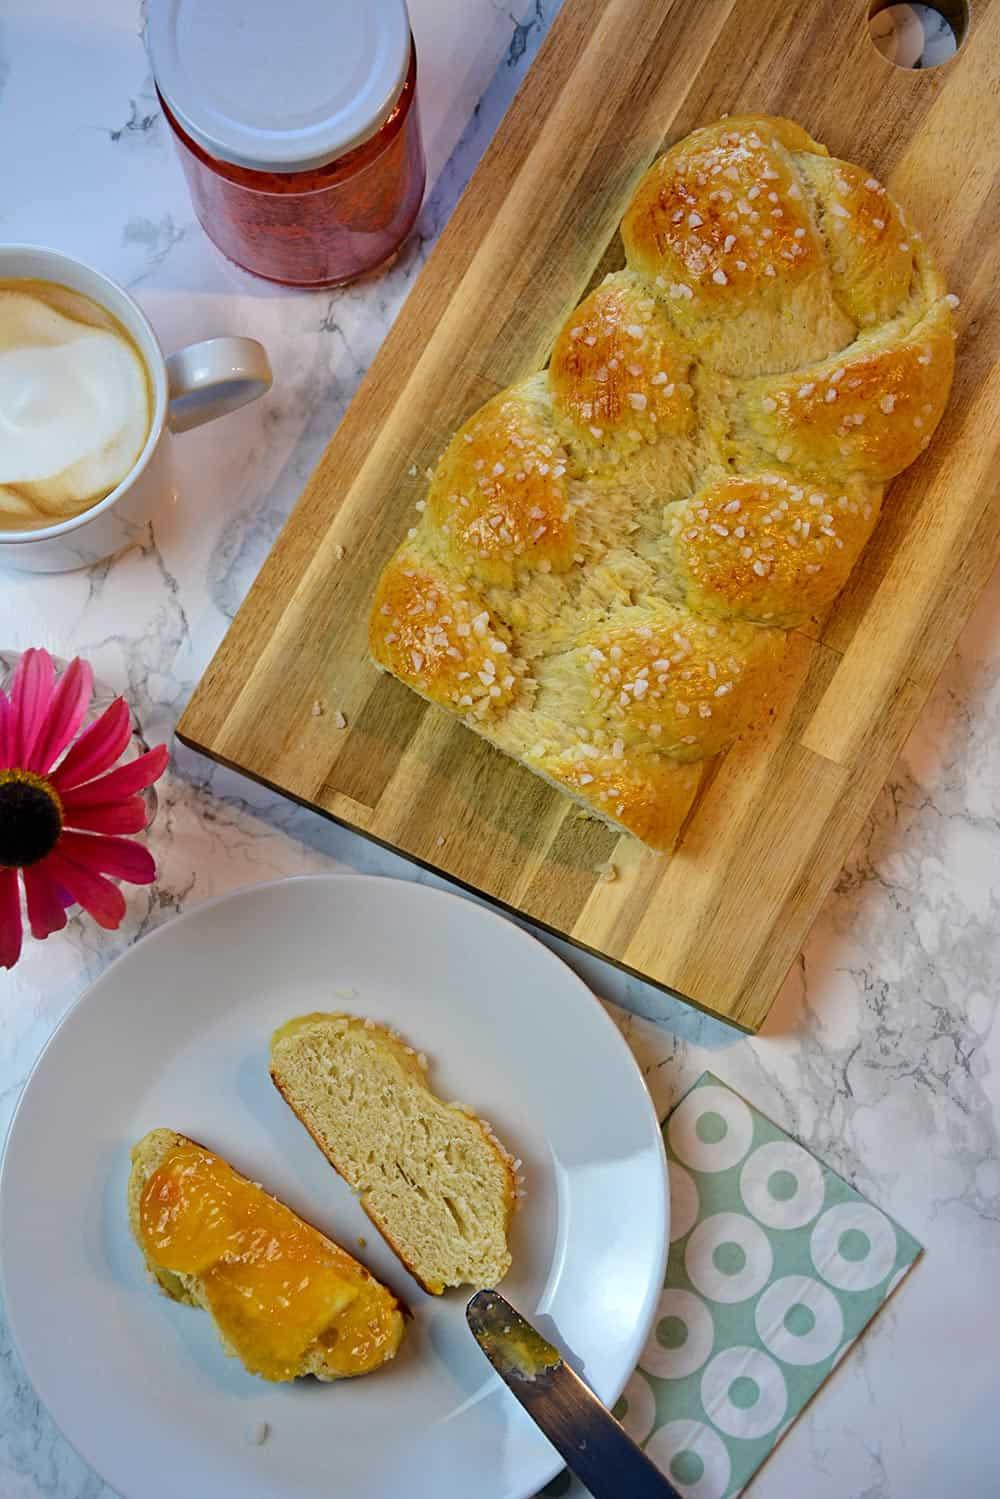 Schnell und einfach selber machen: das Butterzopf Rezept gelingt jedem.